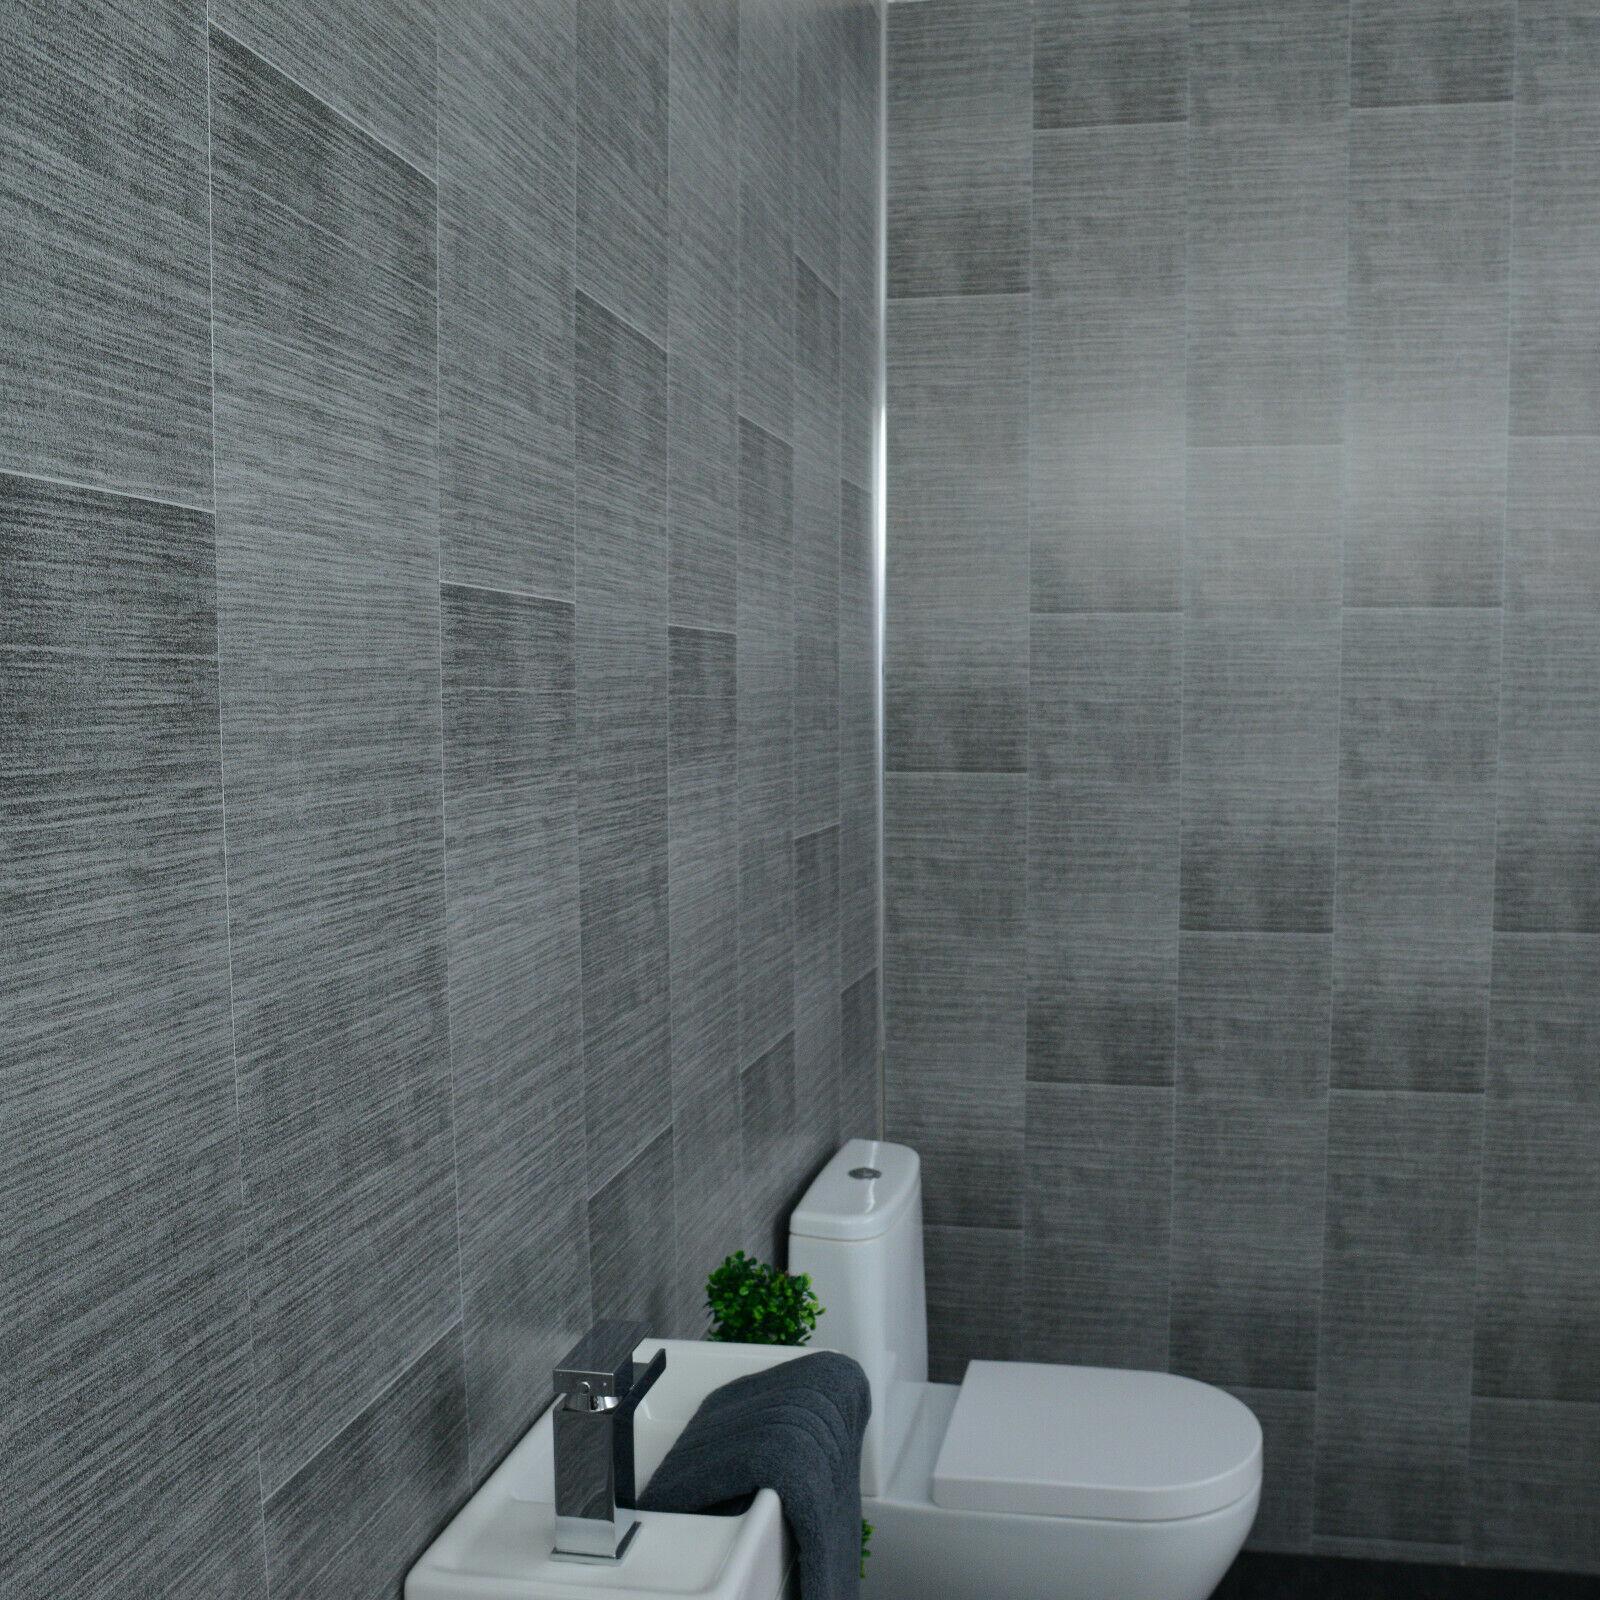 grey panels tile effect cladding sparkle bathroom shower